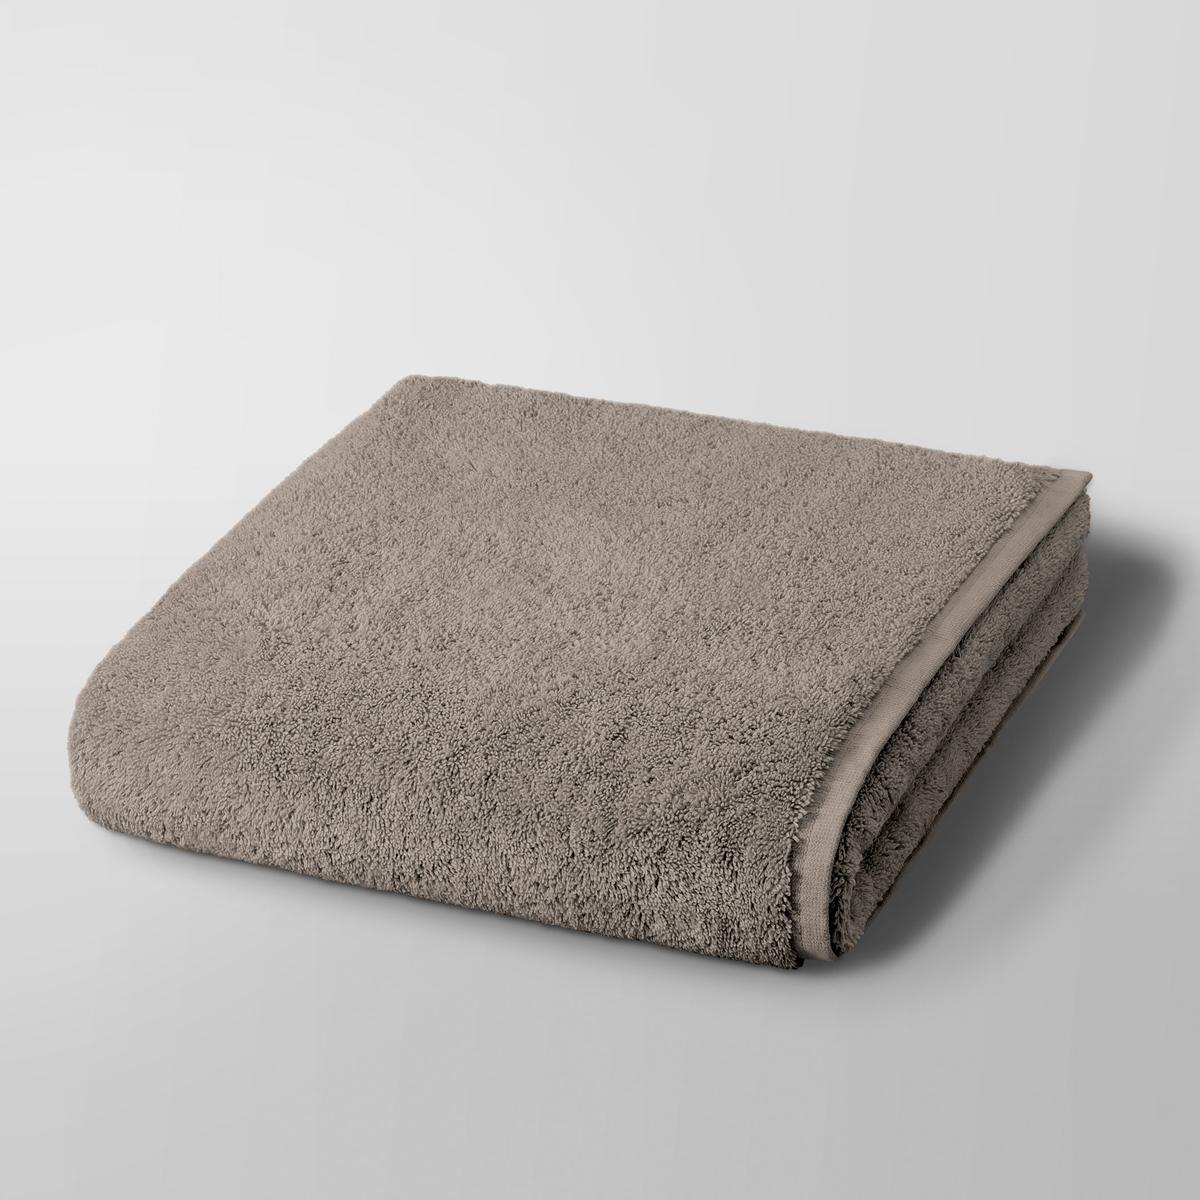 Полотенце банное Gilbear, 100%хлопок<br><br>Цвет: светло-серый,серо-коричневый,серо-розовый,сине-зеленый,синий морской,темно-серый,черный<br>Размер: 68 x 140  см.68 x 140  см